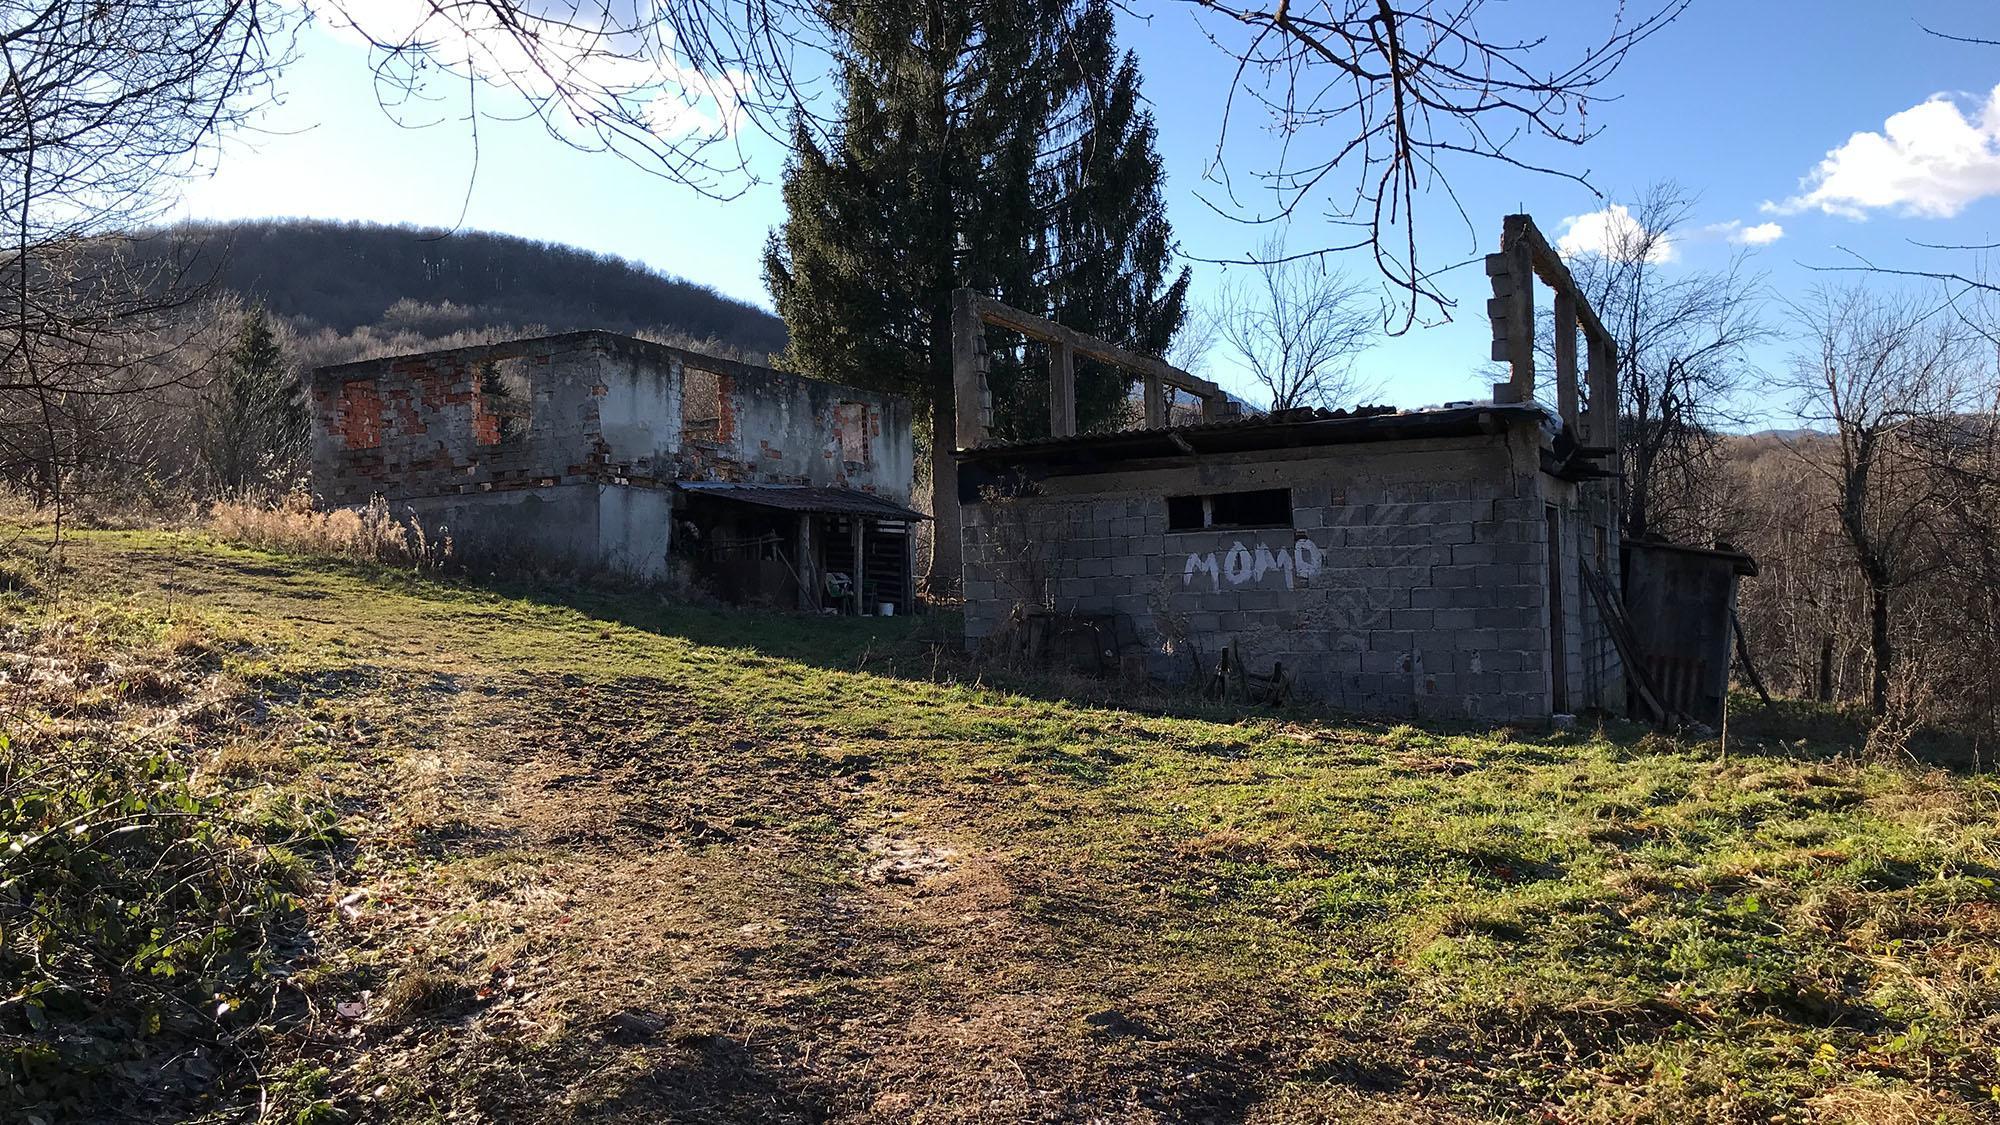 Auf bosnischer Seite beginnt ein Team des ARD-Studio Südosteuropa seine Suche und findet anhand angegebener GPS-Daten den abgelegenen Waldweg und kurz darauf auch den Ort, an dem die Aufnahmen entstanden sind: Im bosnisch-kroatischen Grenzgebiet bei Lohovo rund 16 Kilometer südlich von Bihac.